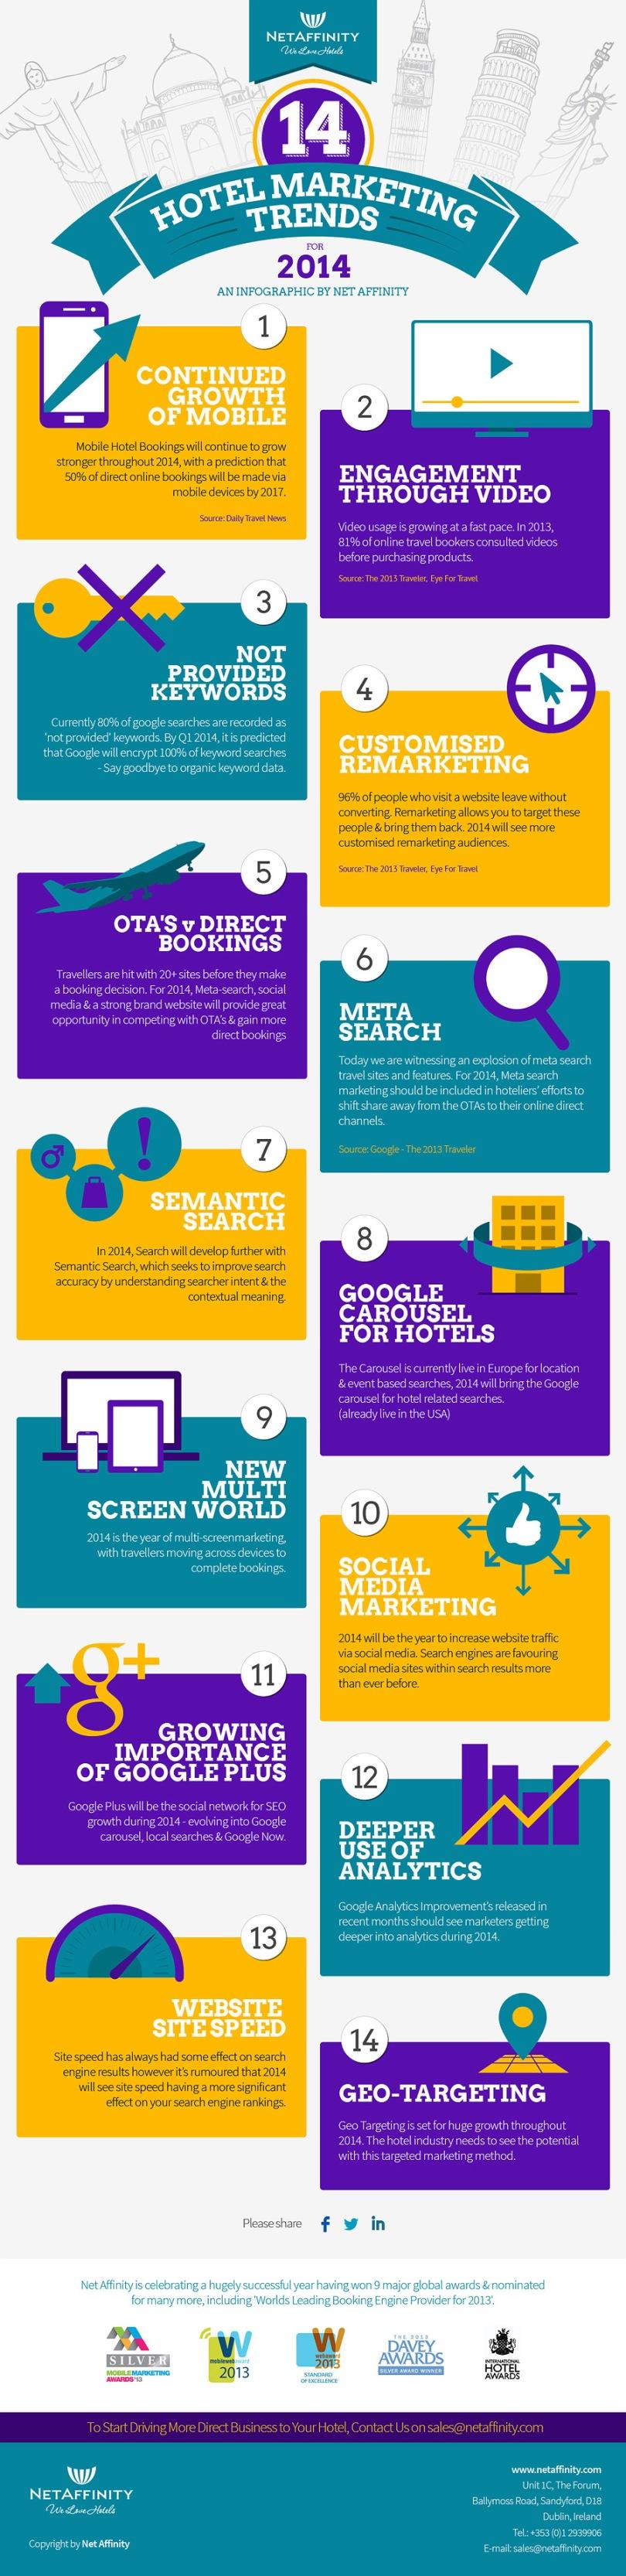 Infografía de Netaffinity de 14 tendencias de marketing hotelero en 2014